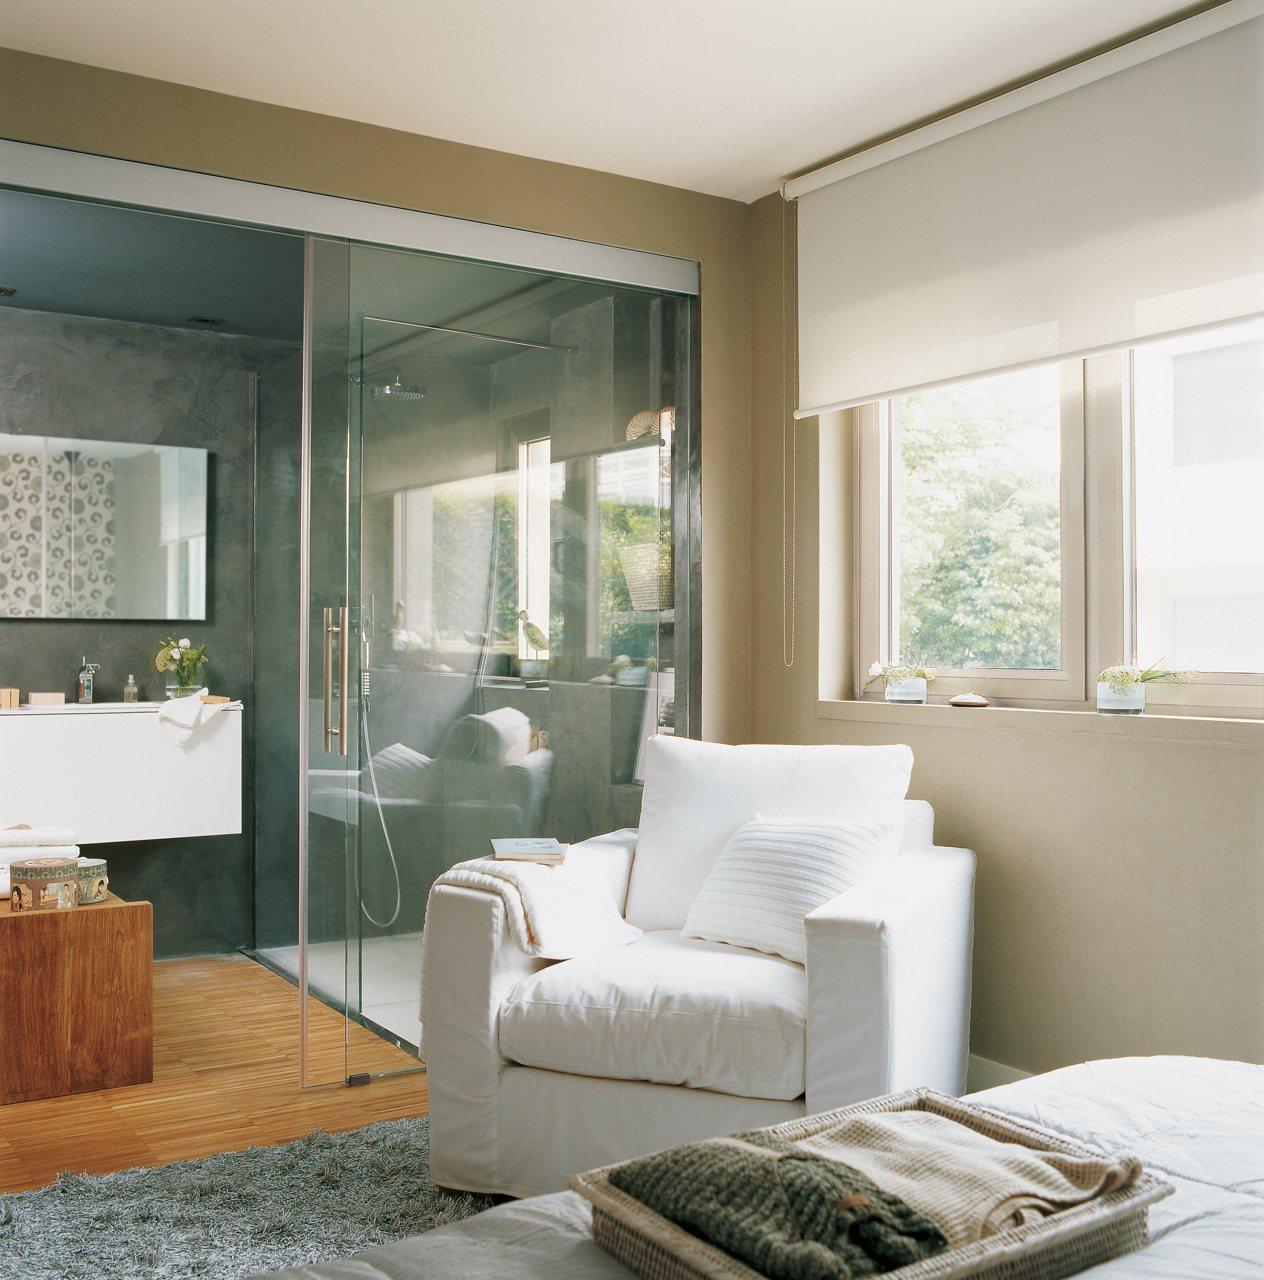 Instala paredes de cristal y gana luz y amplitud en casa - Banos con paredes de cristal ...